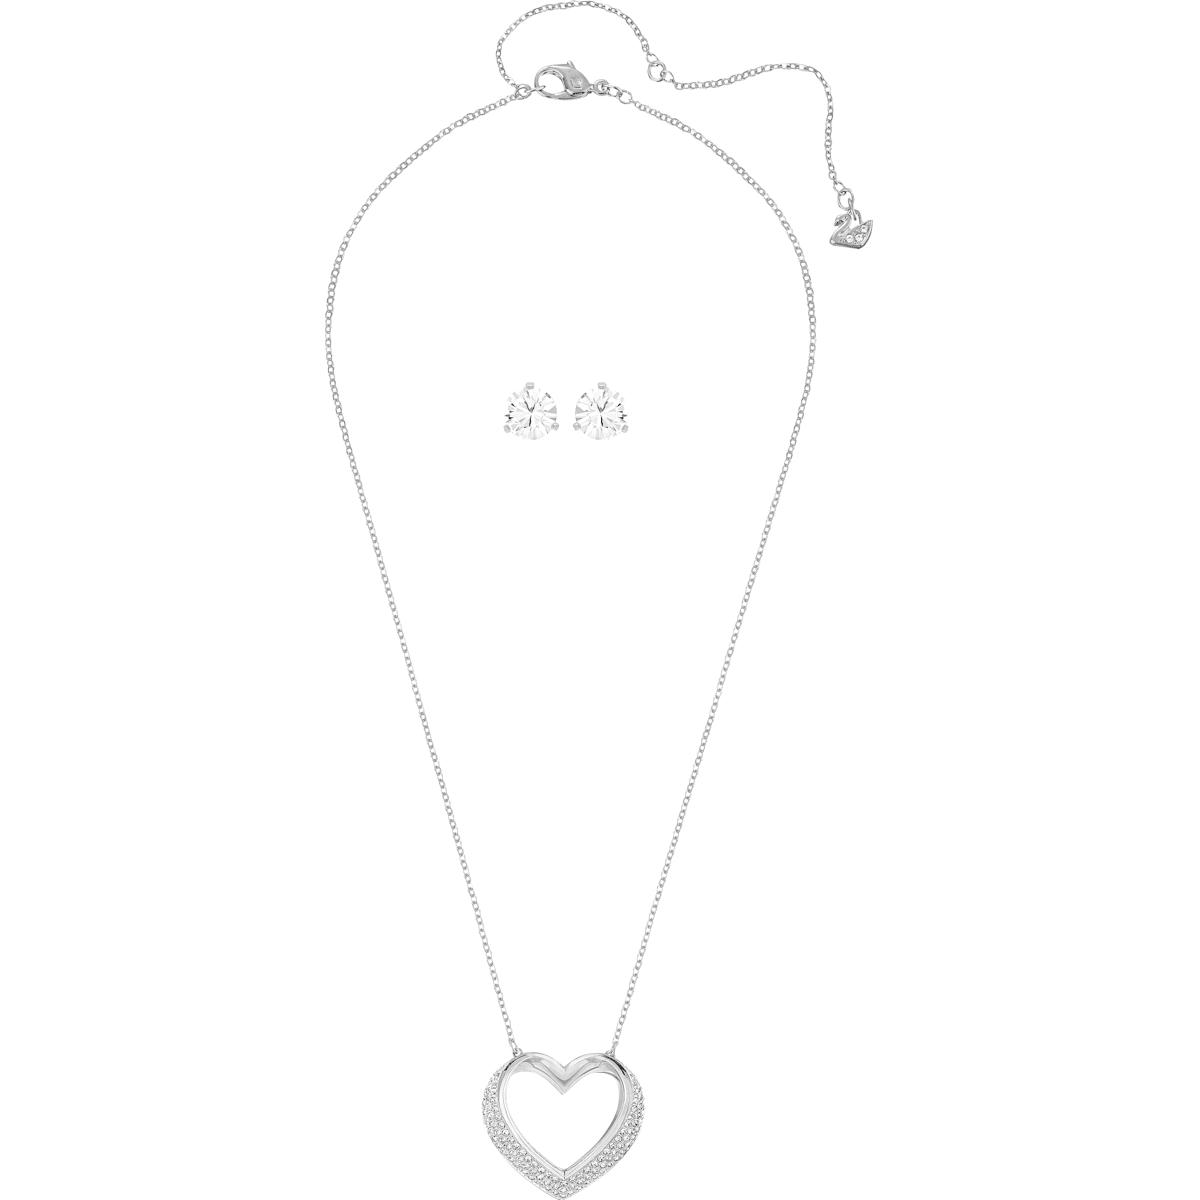 d925250149a6f Cupidon Set